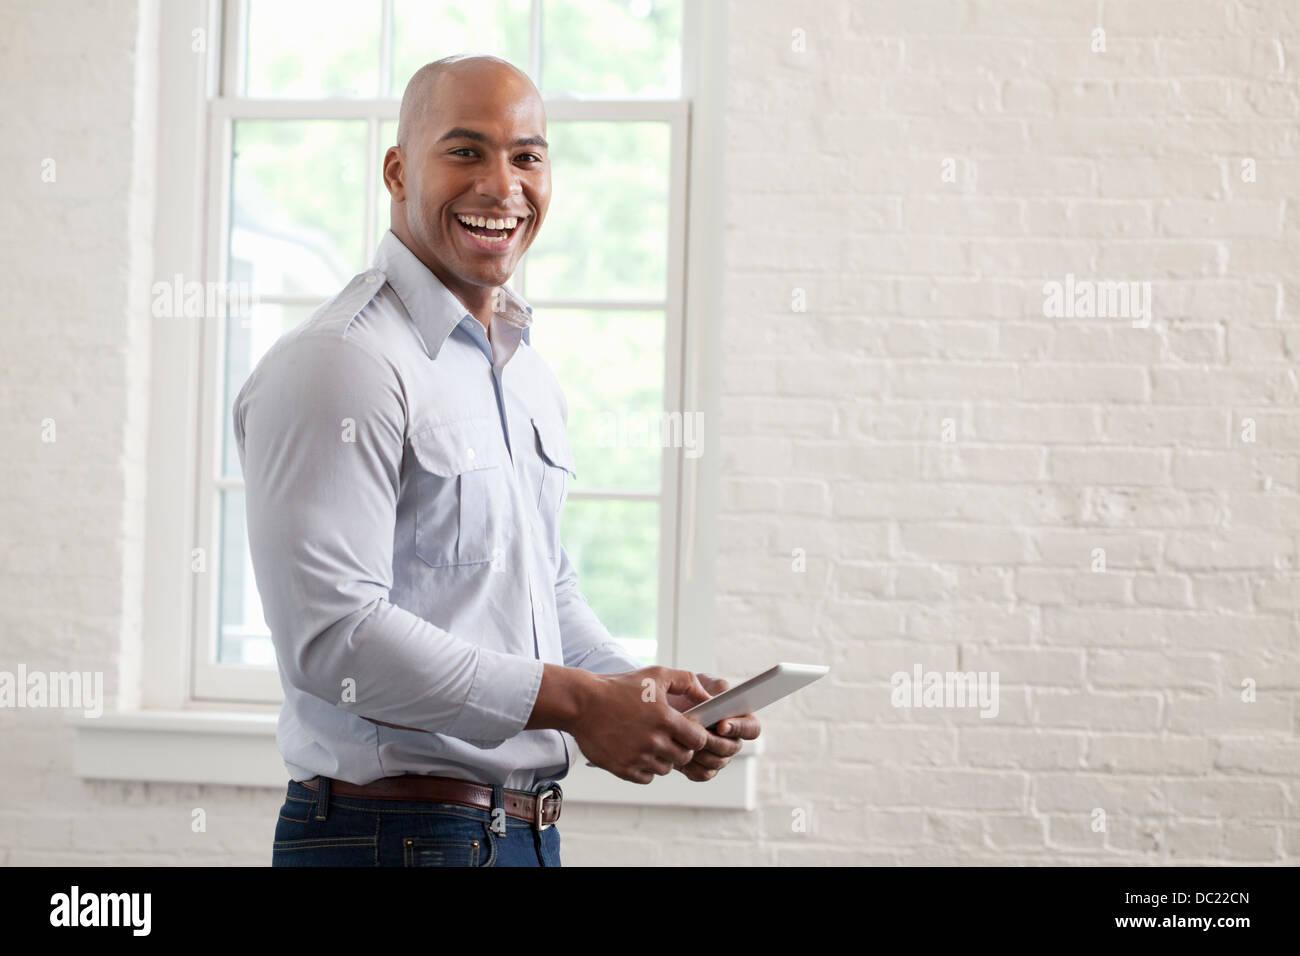 Mitte adult Büroangestellte mit digital-Tablette und Lächeln, Porträt Stockbild